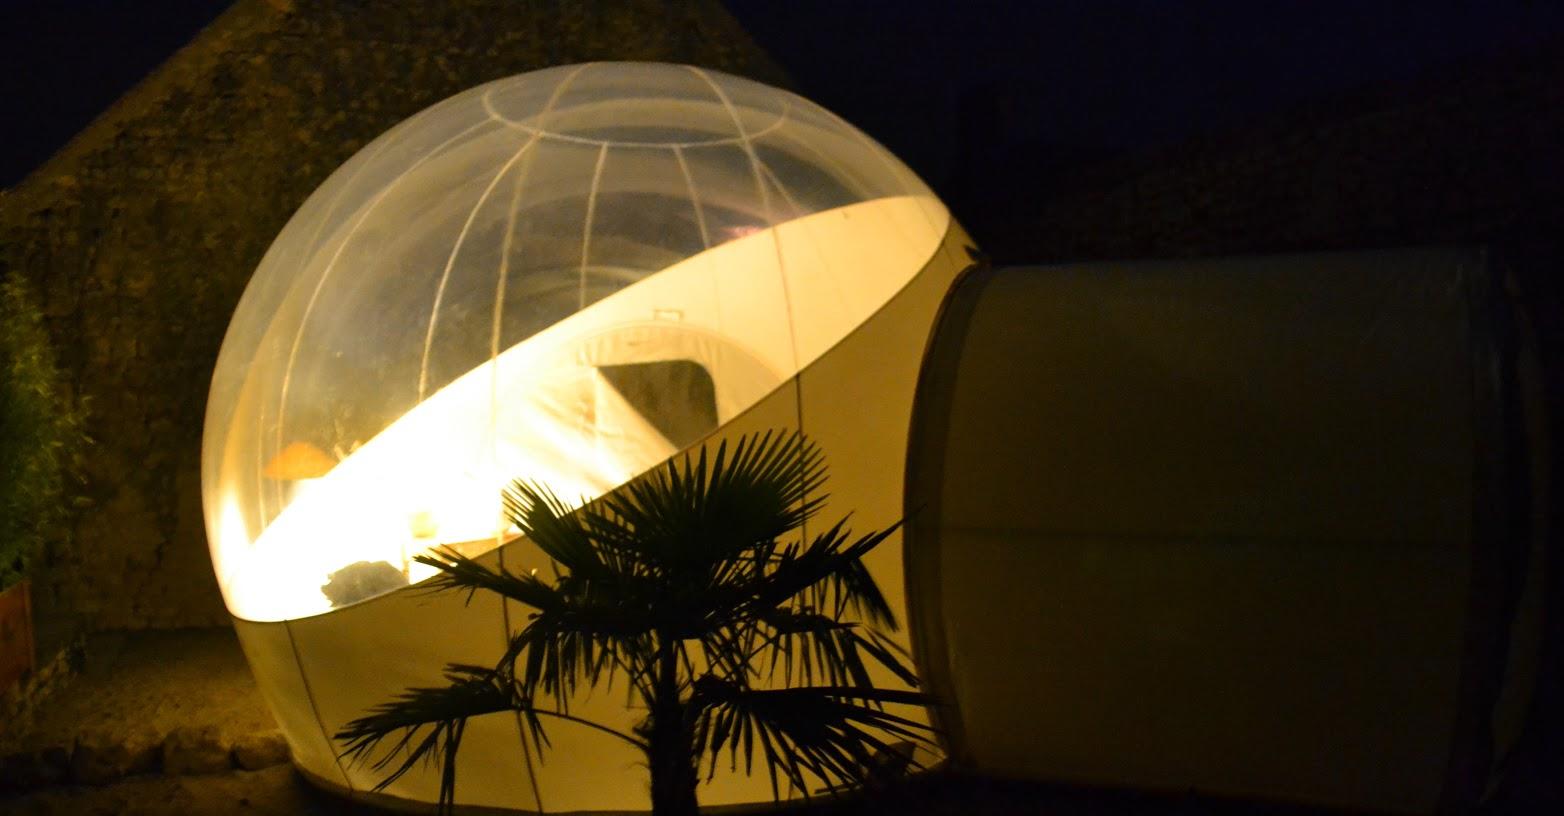 Une nuit romantique for Nuit romantique